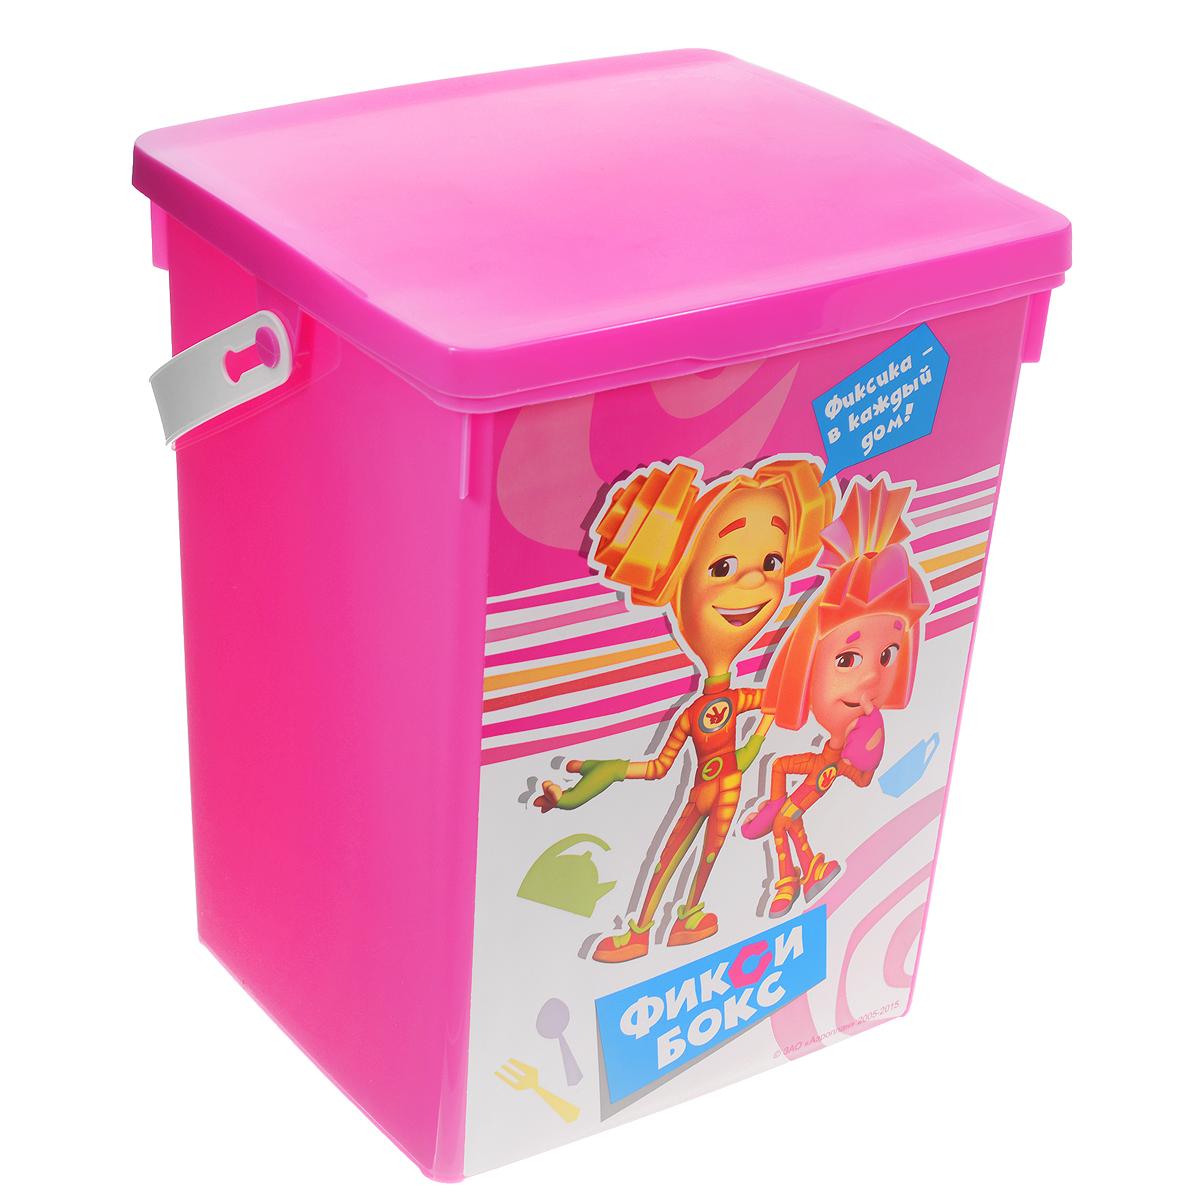 Контейнер для игрушек Полимербыт Фиксики, цвет: розовый, 5 л1004900000360Контейнер Полимербыт Фиксики выполнен из высококачественного цветного пластика и предназначен для хранения небольших игрушек. Контейнер декорирован красочным изображением героев одноименного мультика Фиксики. Для удобства переноски имеется специальная пластиковая ручка. Контейнер плотно закрывается крышкой. Контейнер Полимербыт Фиксики очень вместителен и поможет вам хранить все необходимые мелочи в одном месте.